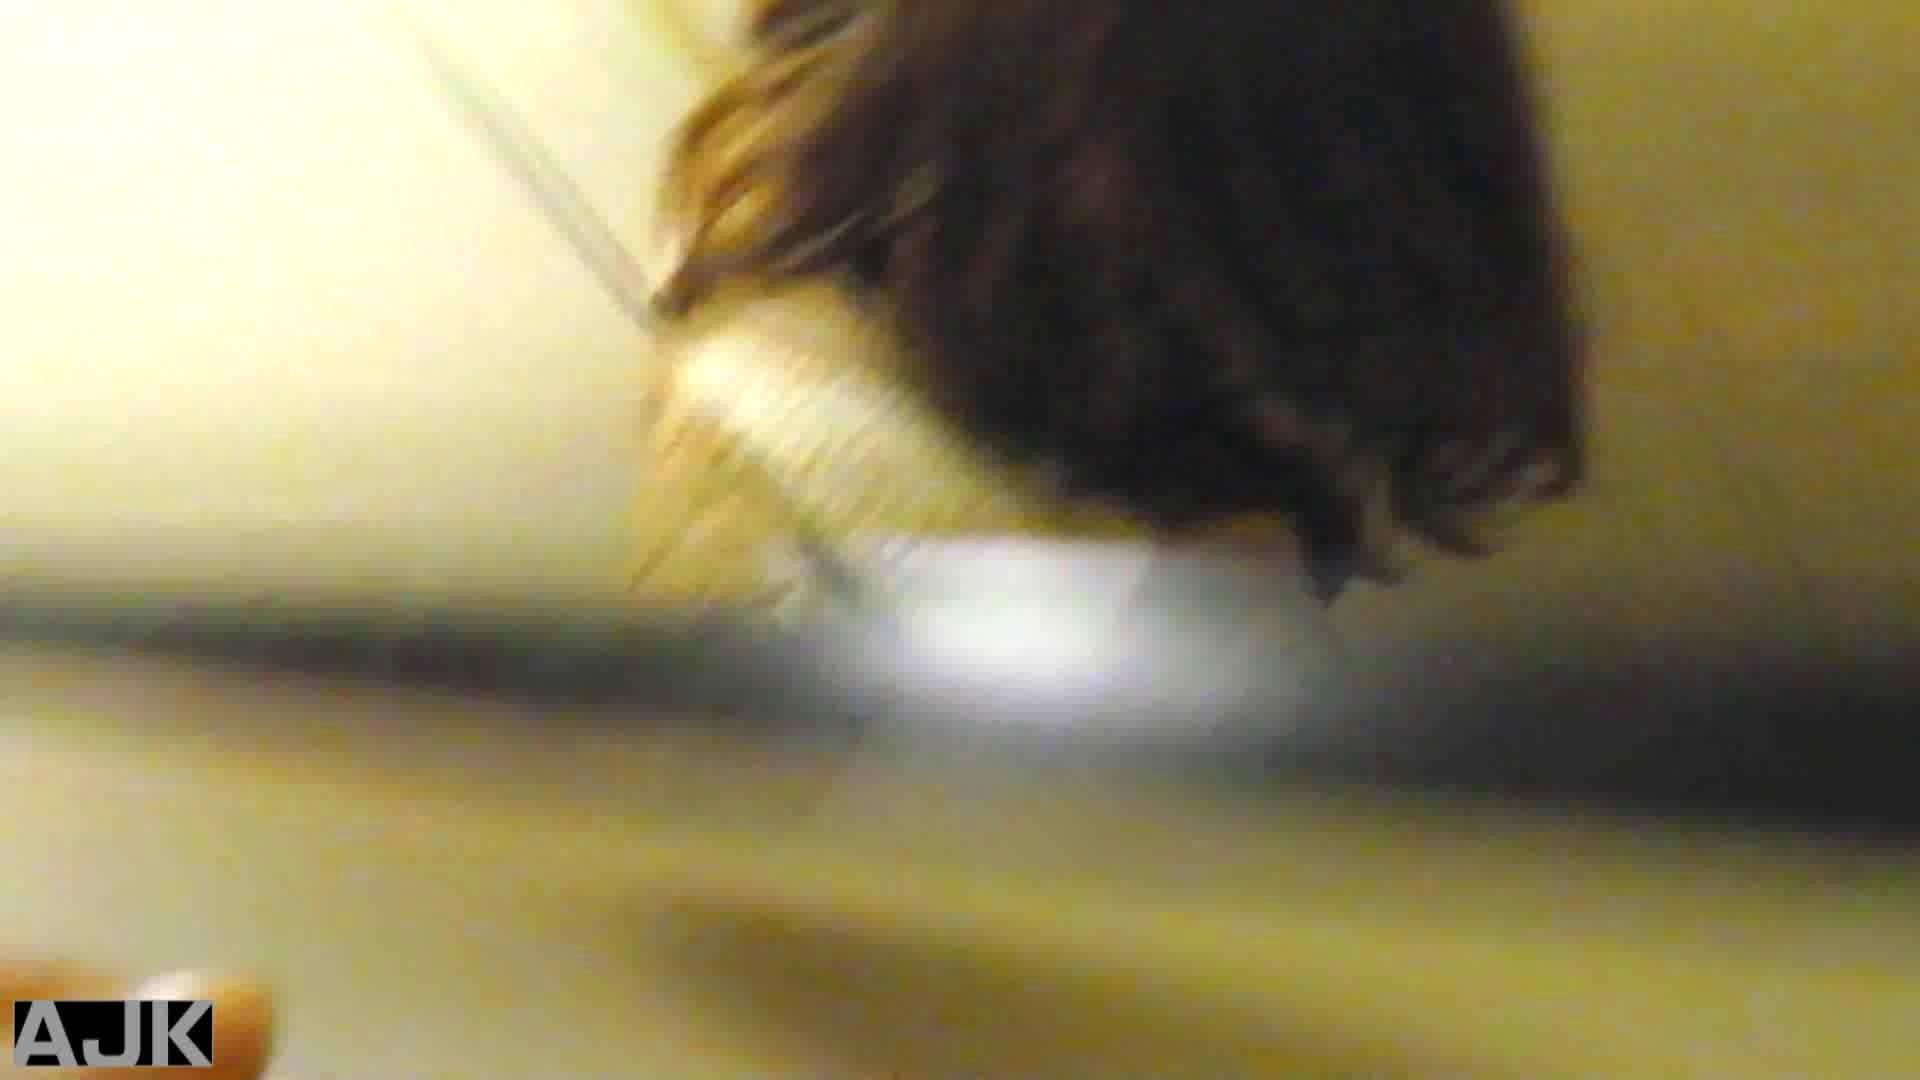 隣国上階級エリアの令嬢たちが集うデパートお手洗い Vol.02 女子トイレ編 オメコ動画キャプチャ 52画像 31